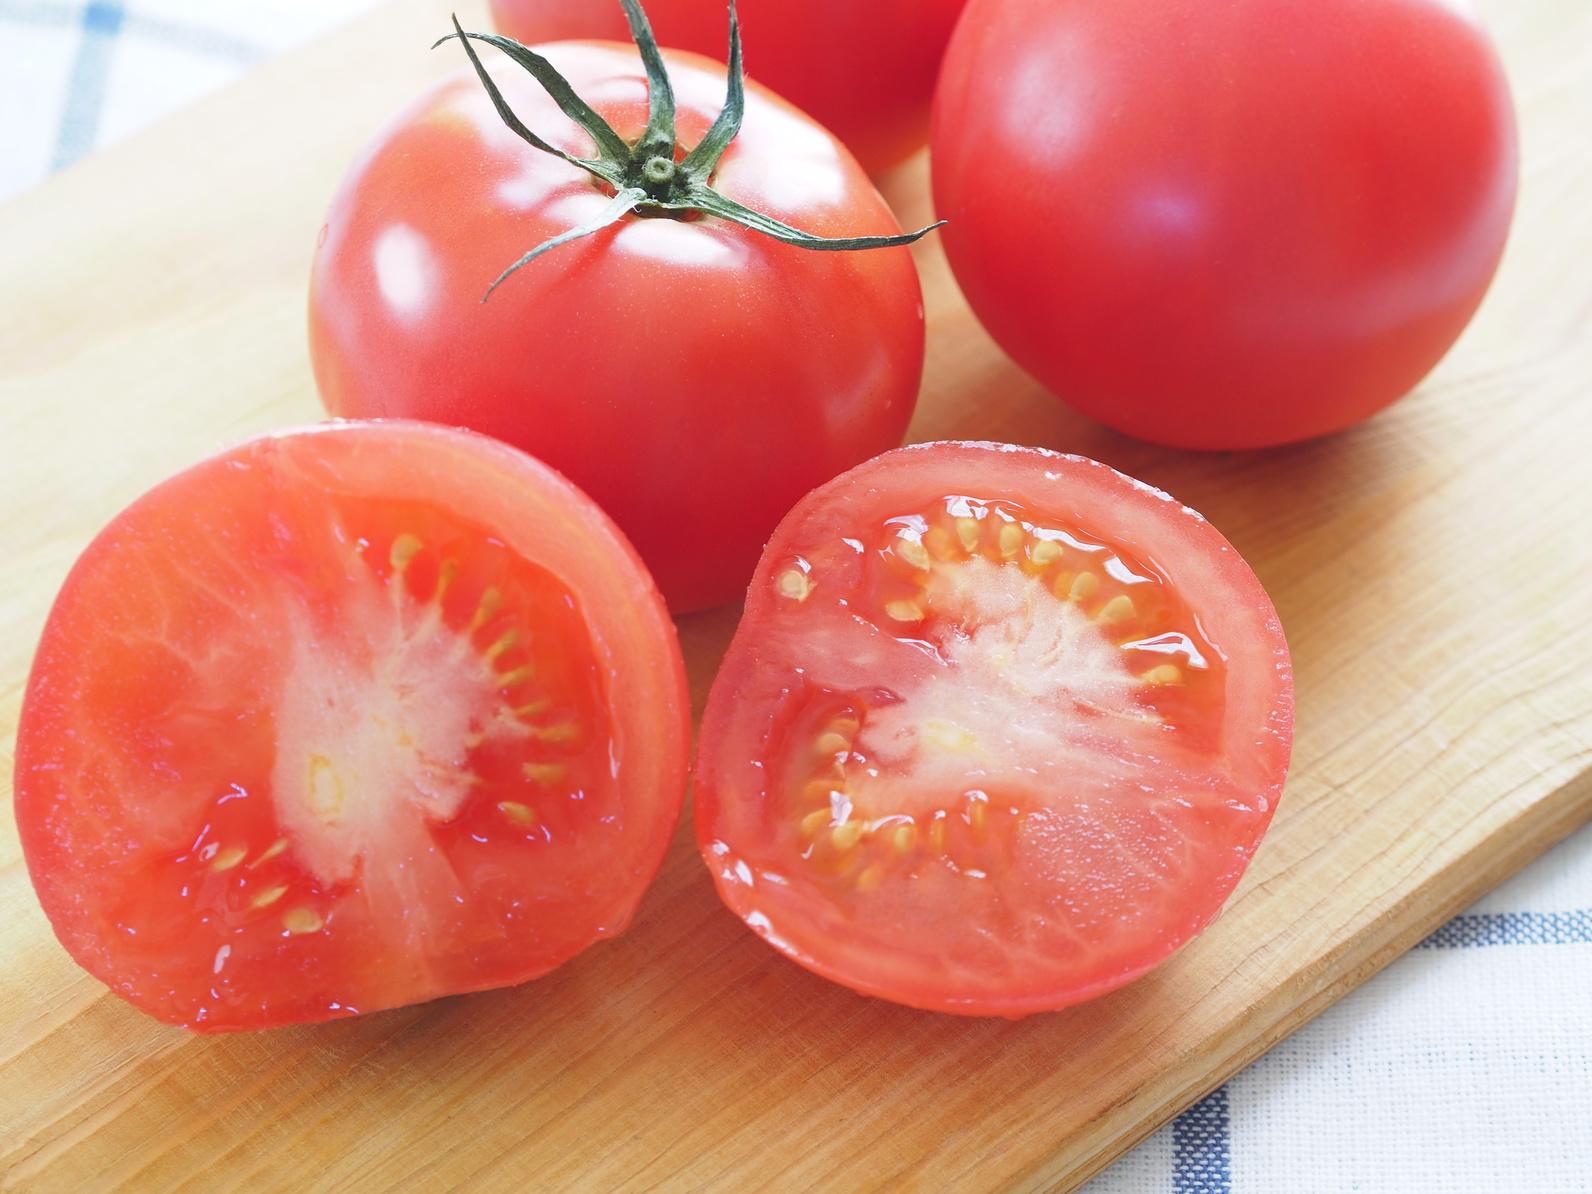 栄養満点のトマト。犬はトマトを食べても大丈夫?